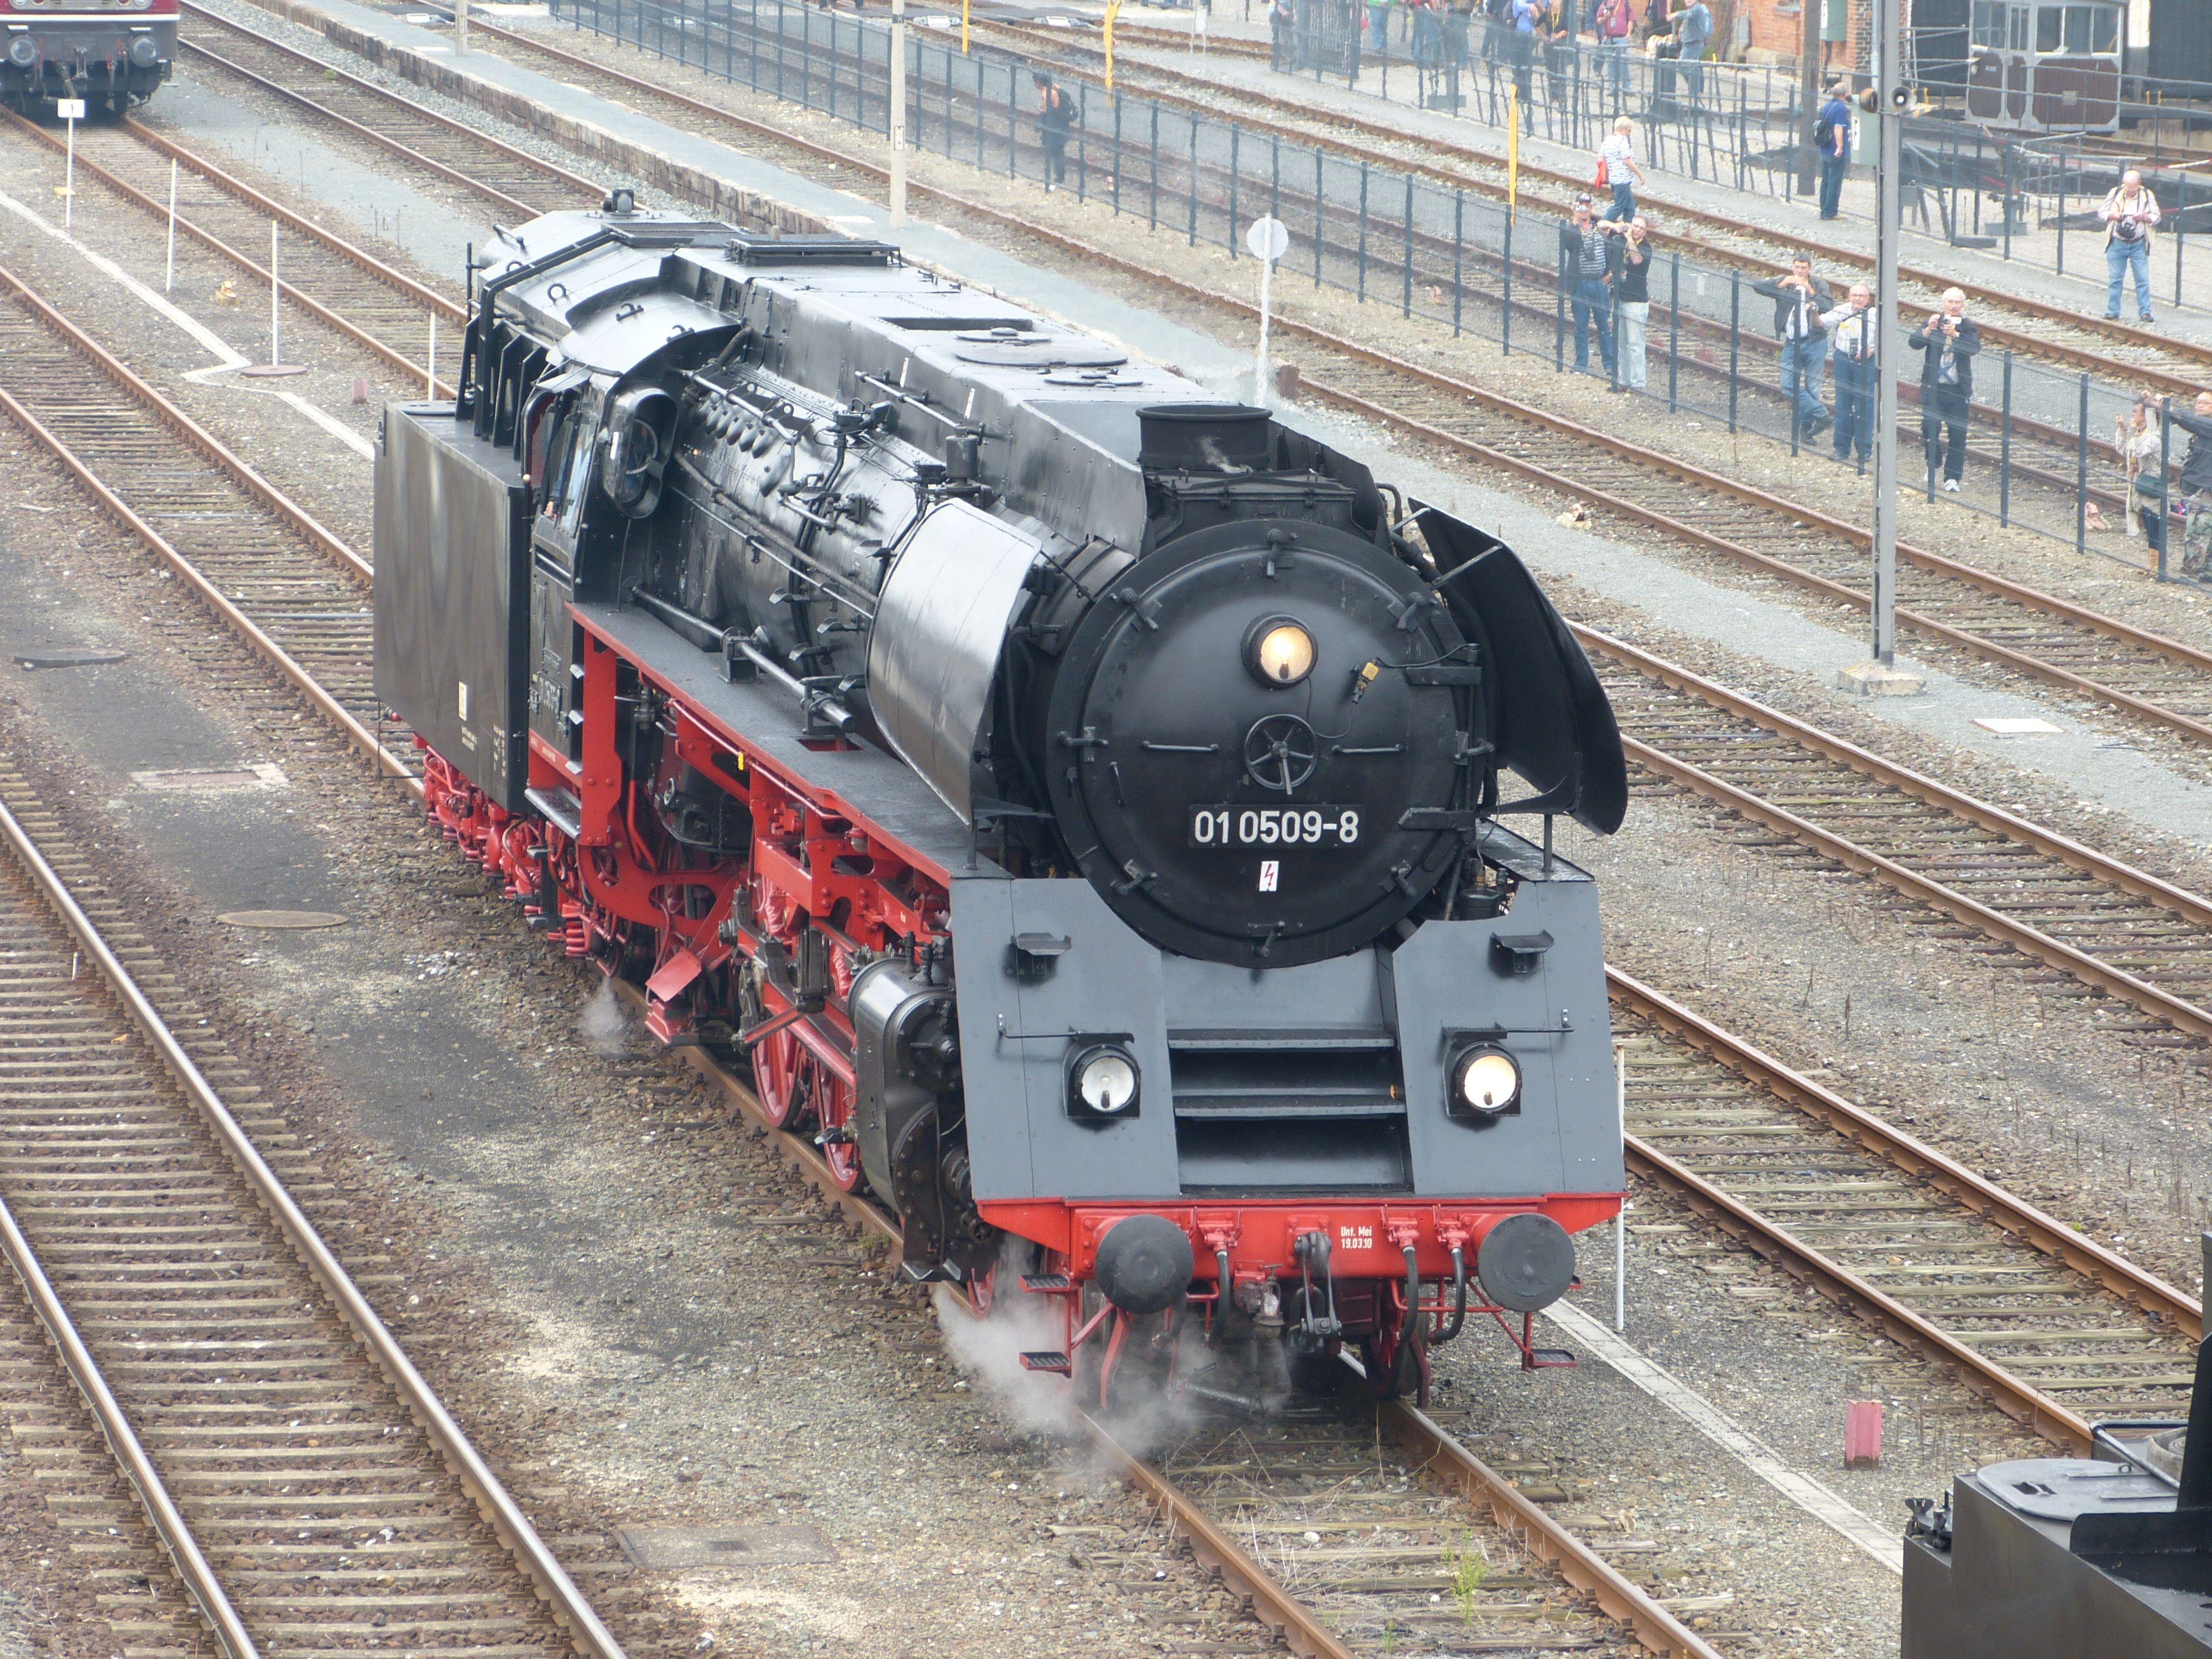 Dampflok 01 509 in Neuenmarkt-Wirsberg, 2014